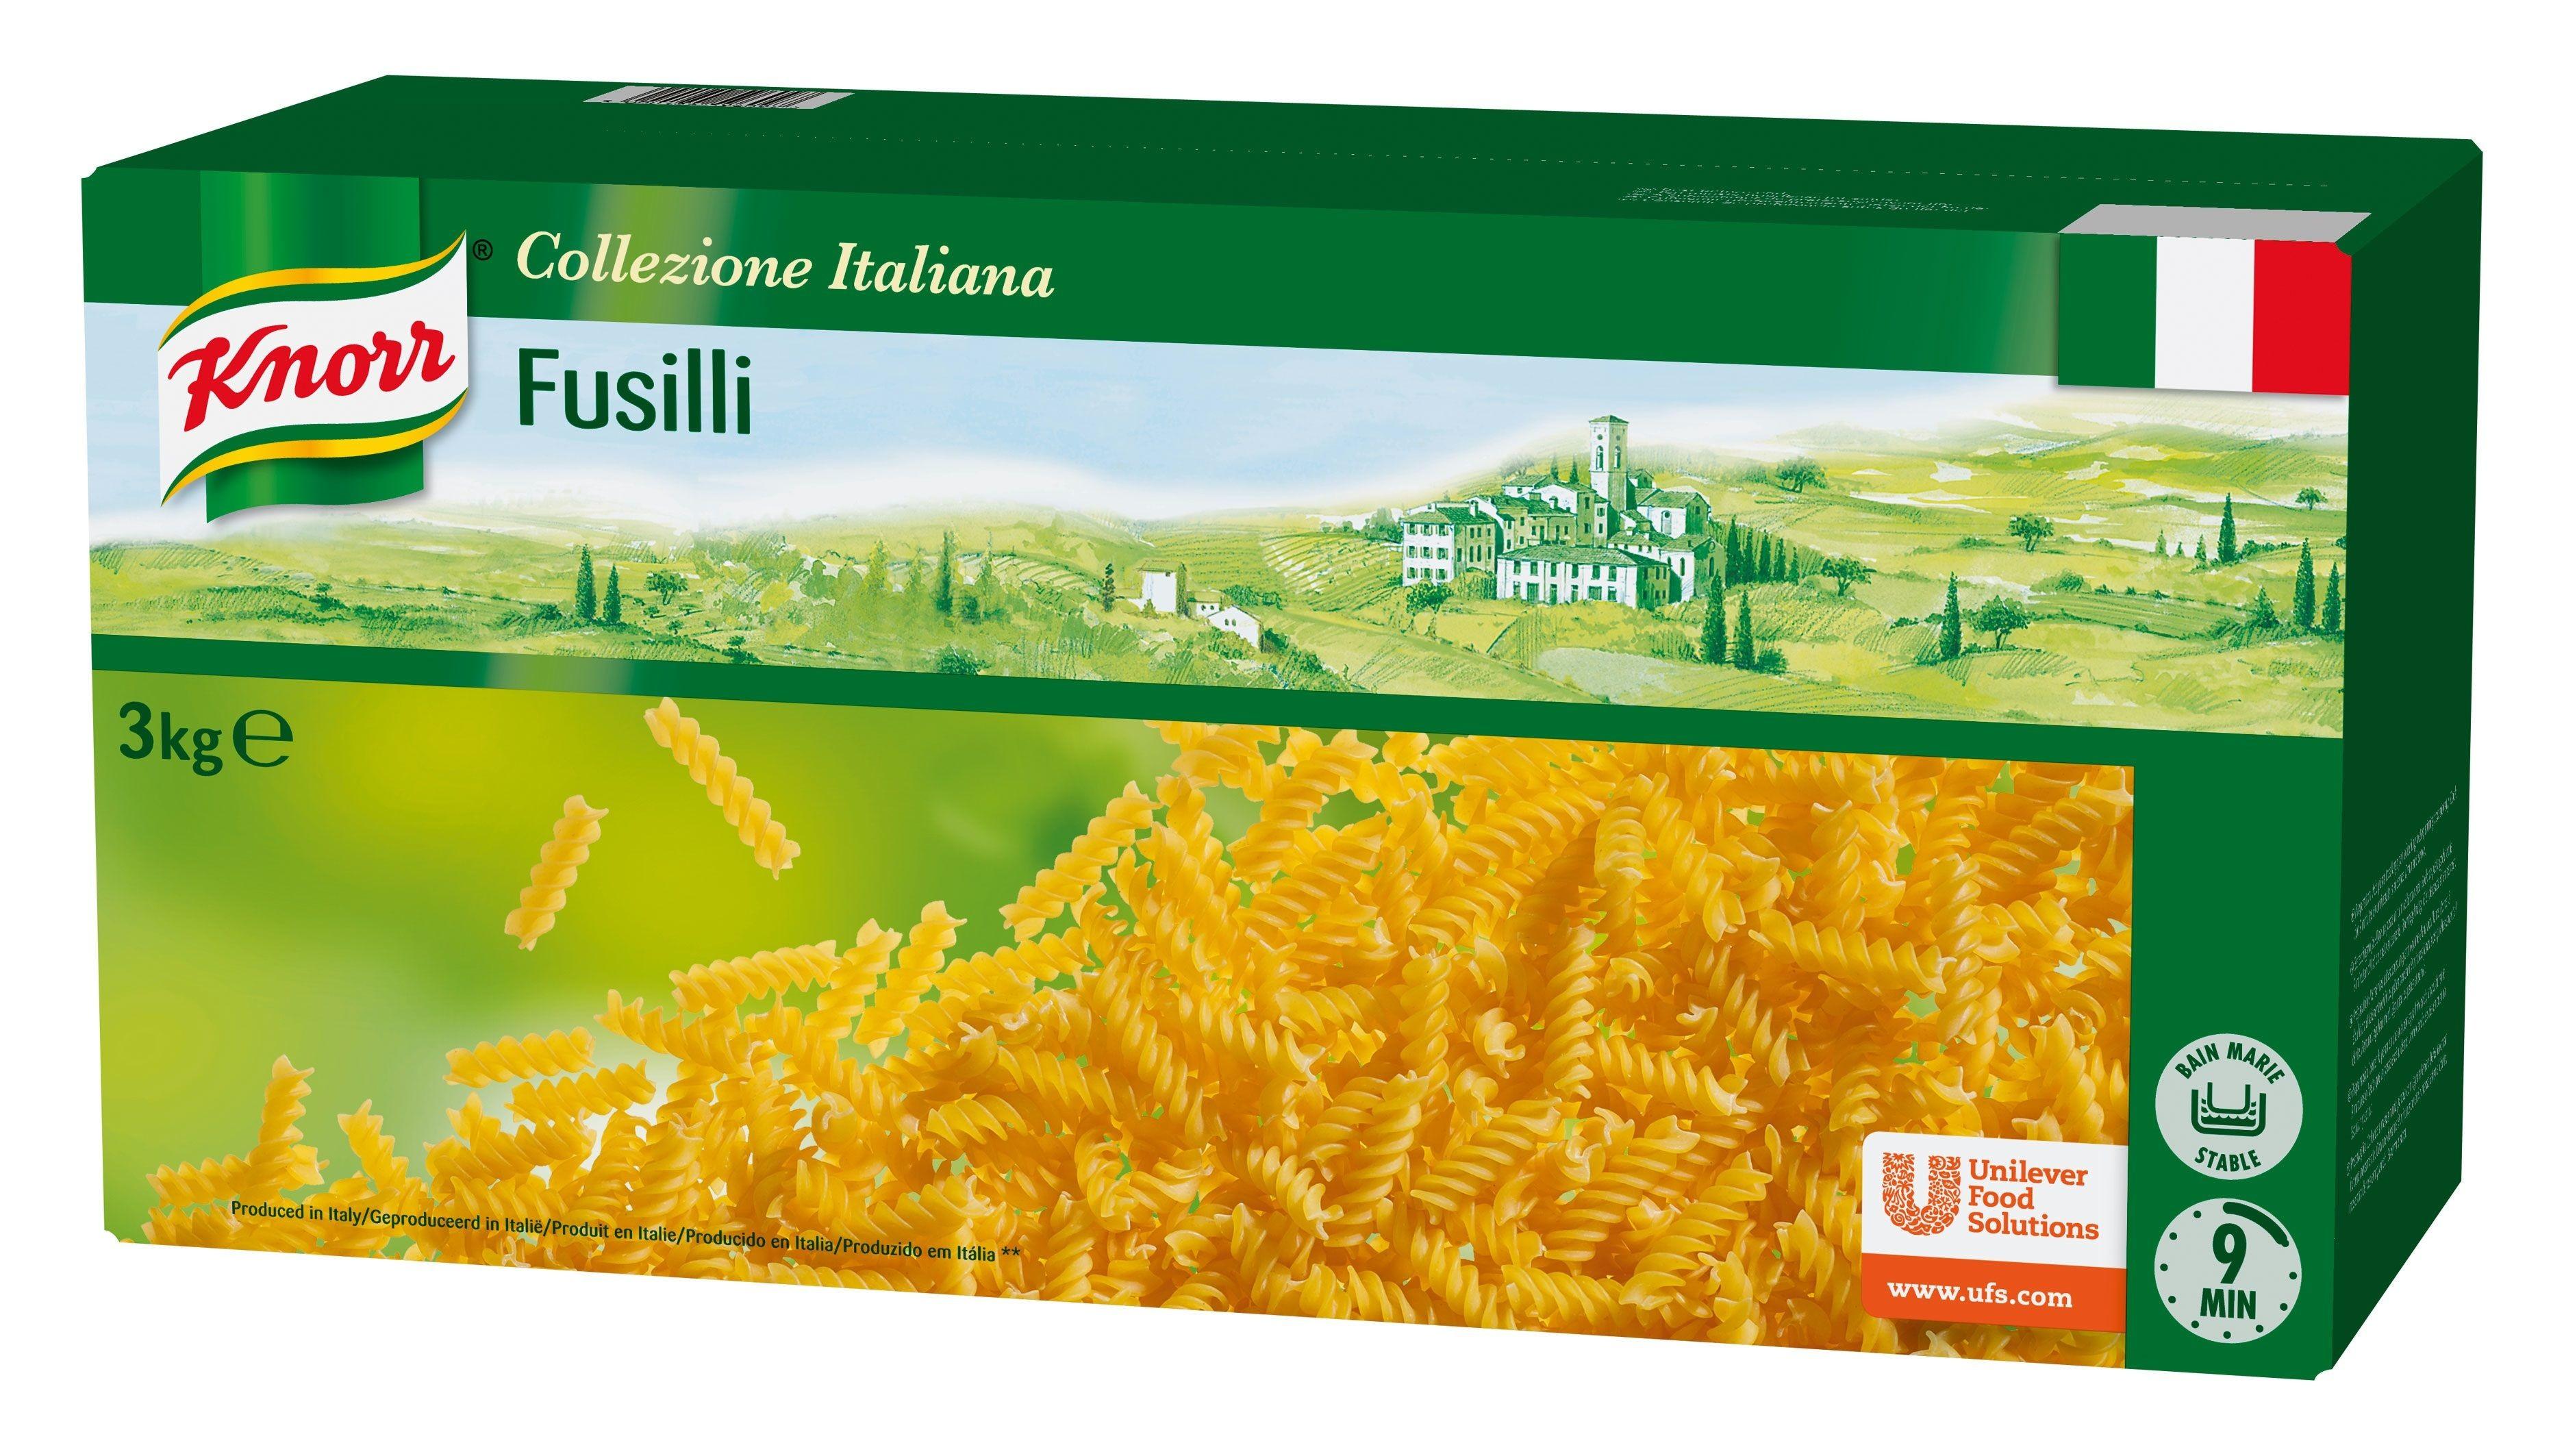 Knorr pates Fusilli 3kg Collezione Italiana